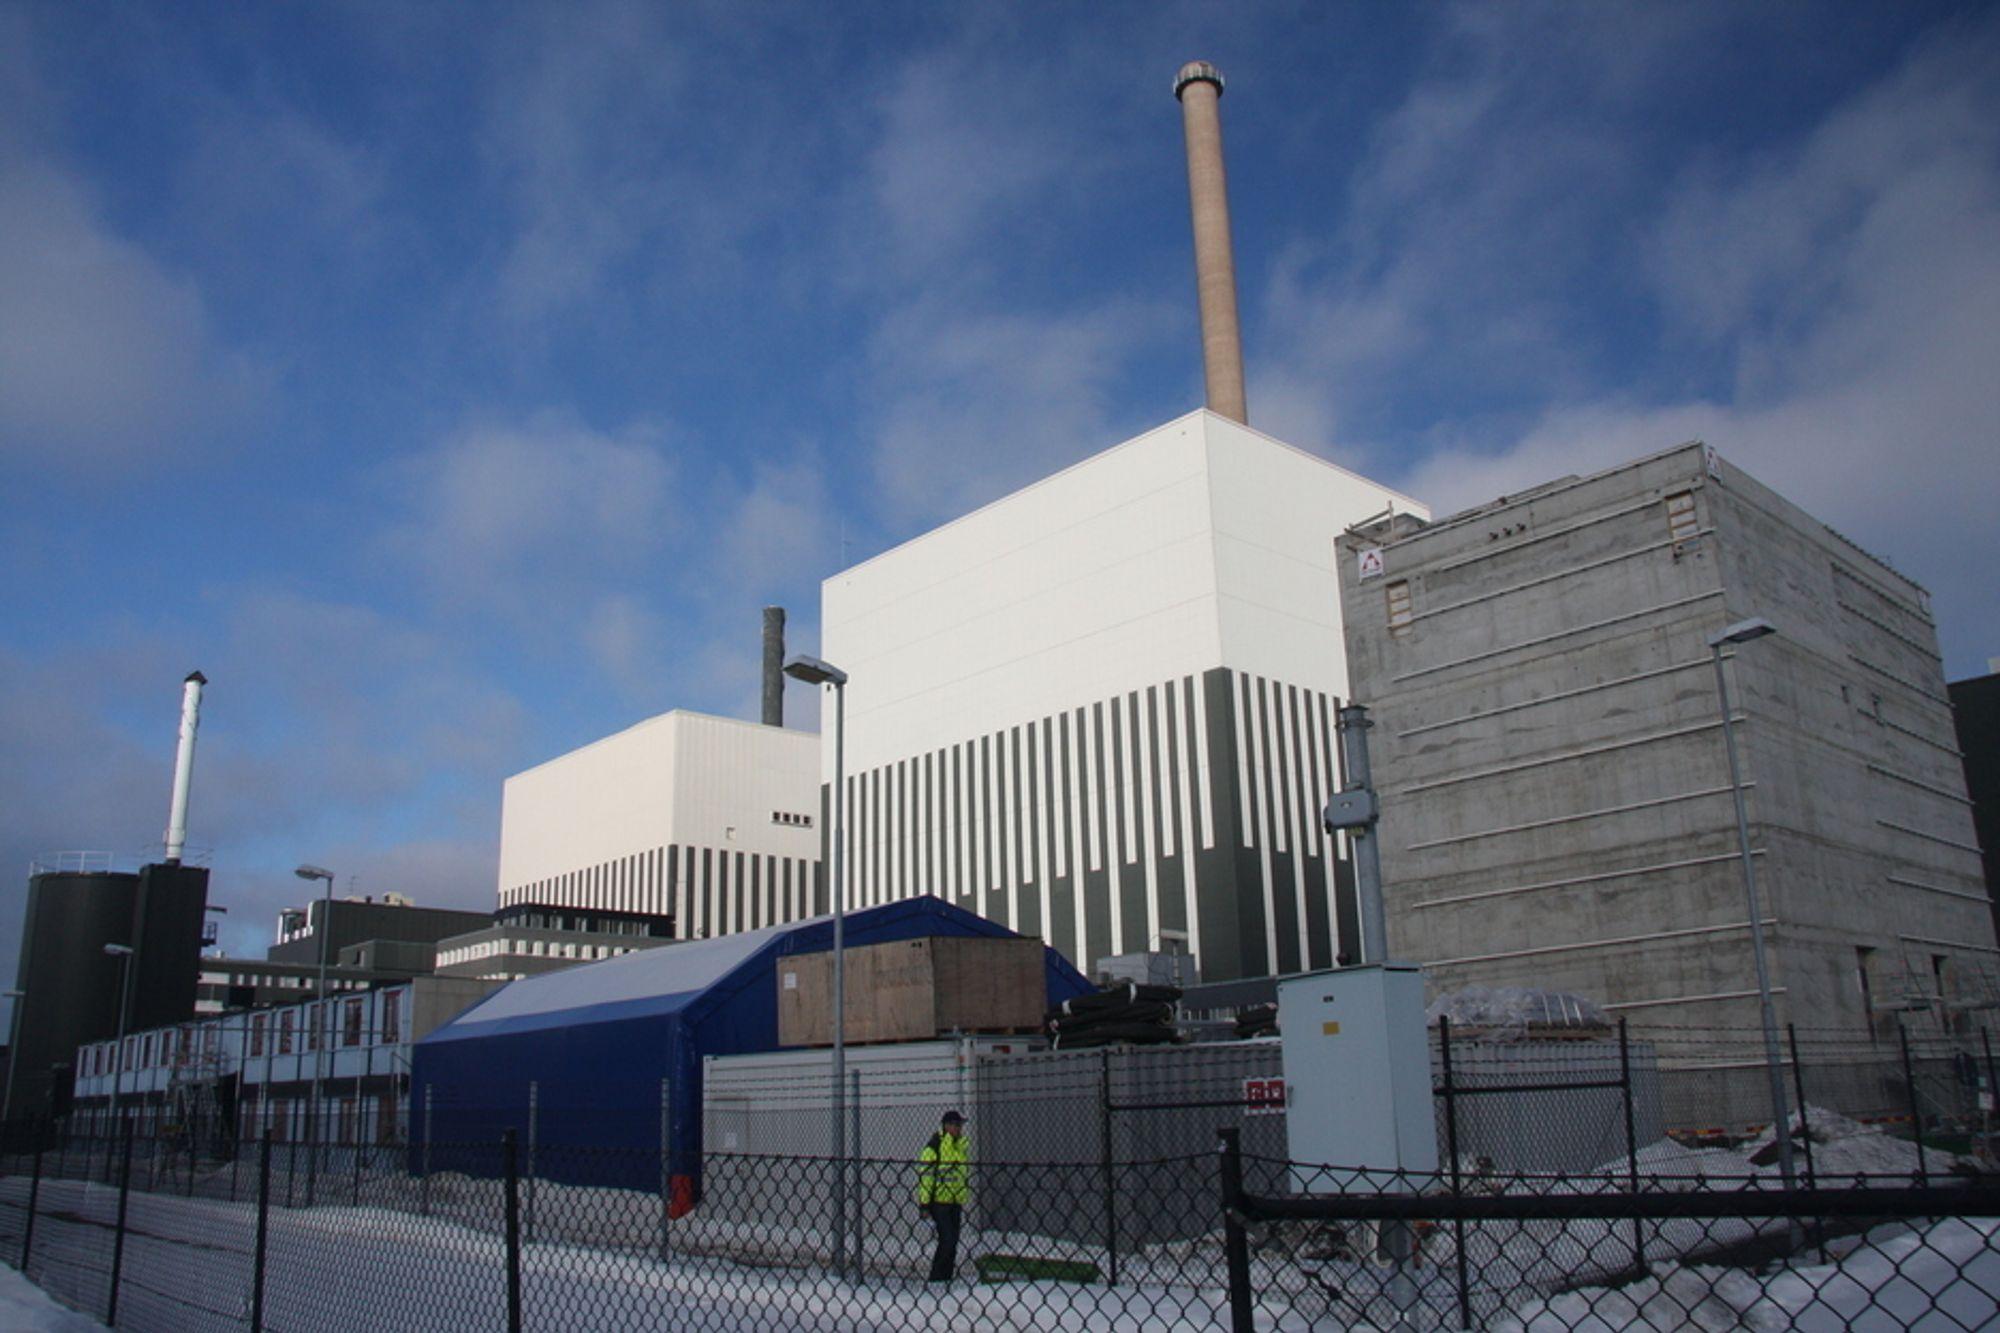 TILBAKE: Vattenfall mener at kjernkraften vil øke sin produksjon fra dagens 40 prosent til over 95 prosent i begynnelsen av desember.